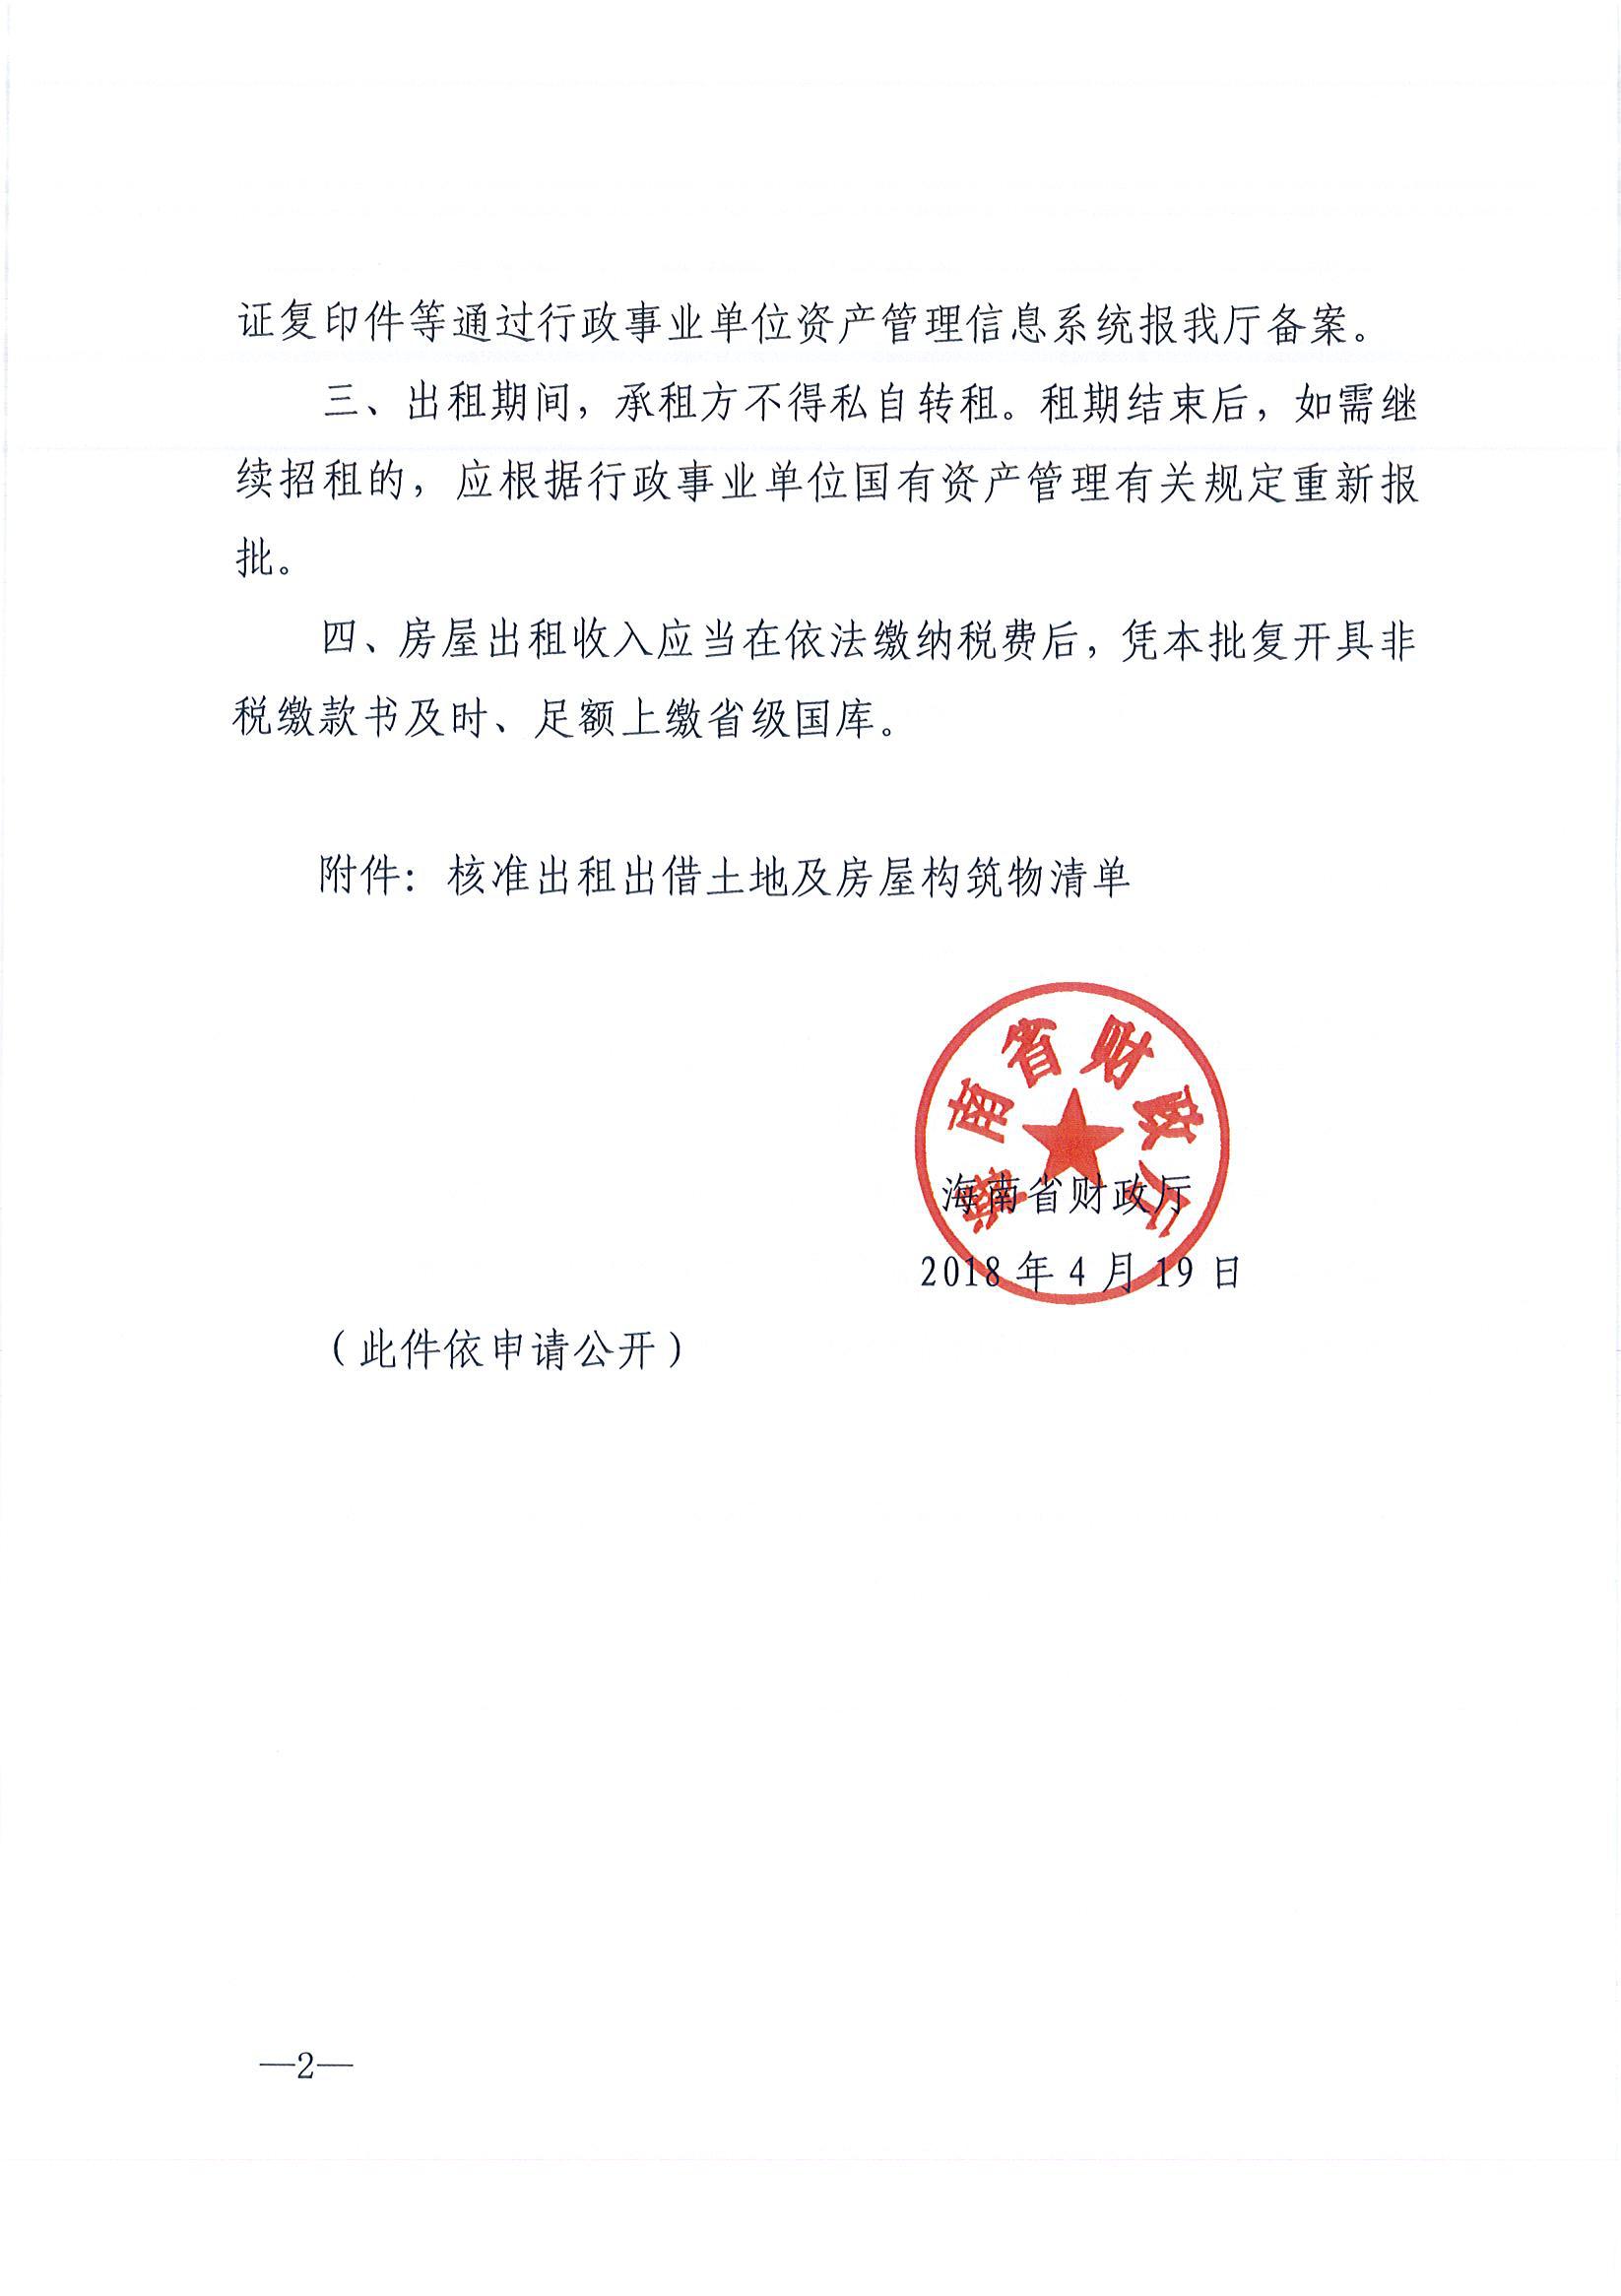 海南省财政厅关于海南师范大学出租部分教育教学场馆的复函